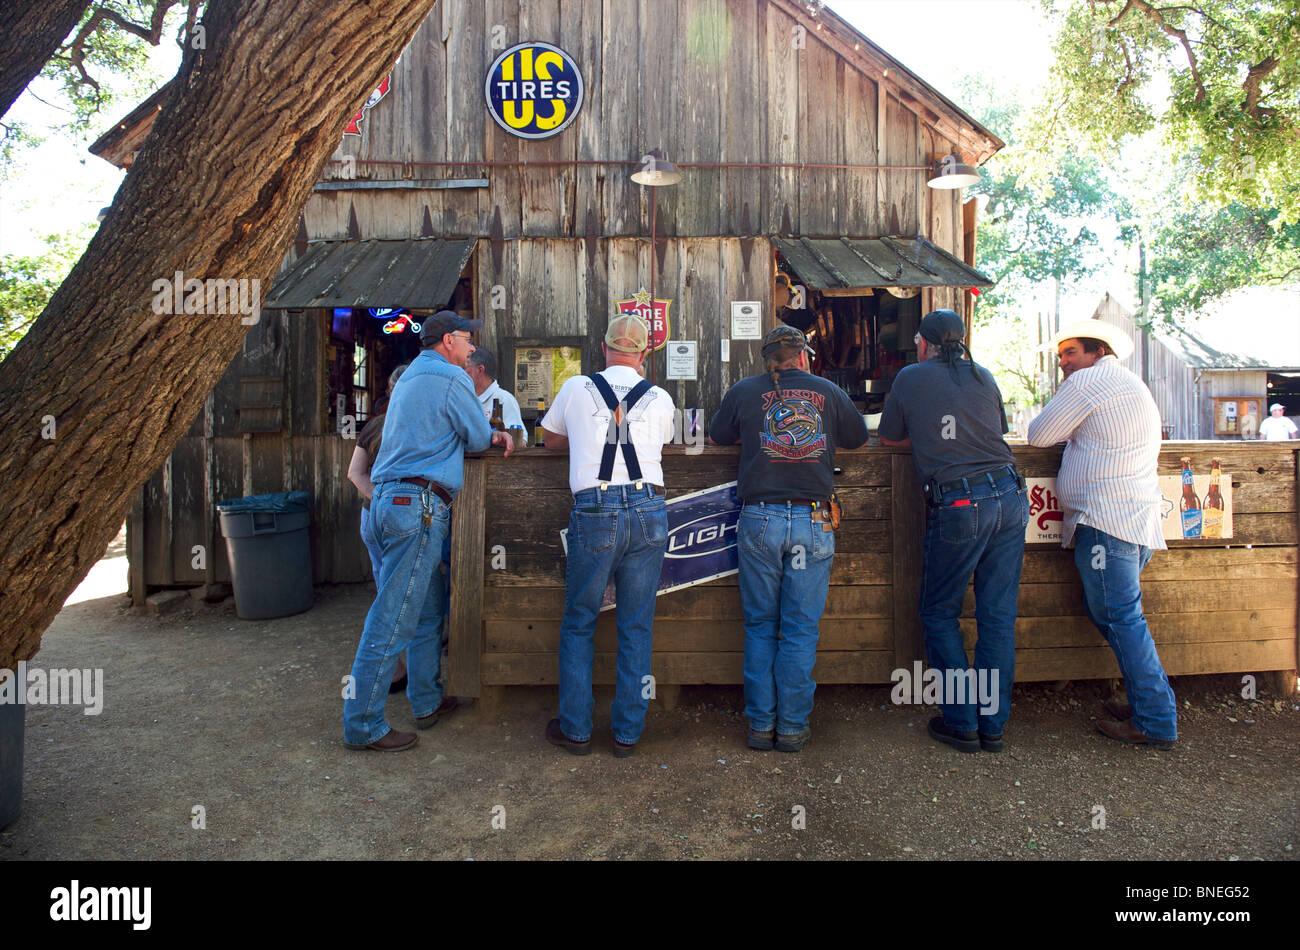 Men standing at outdoor bar in Luckenbach, Taxes, USA Stock Photo